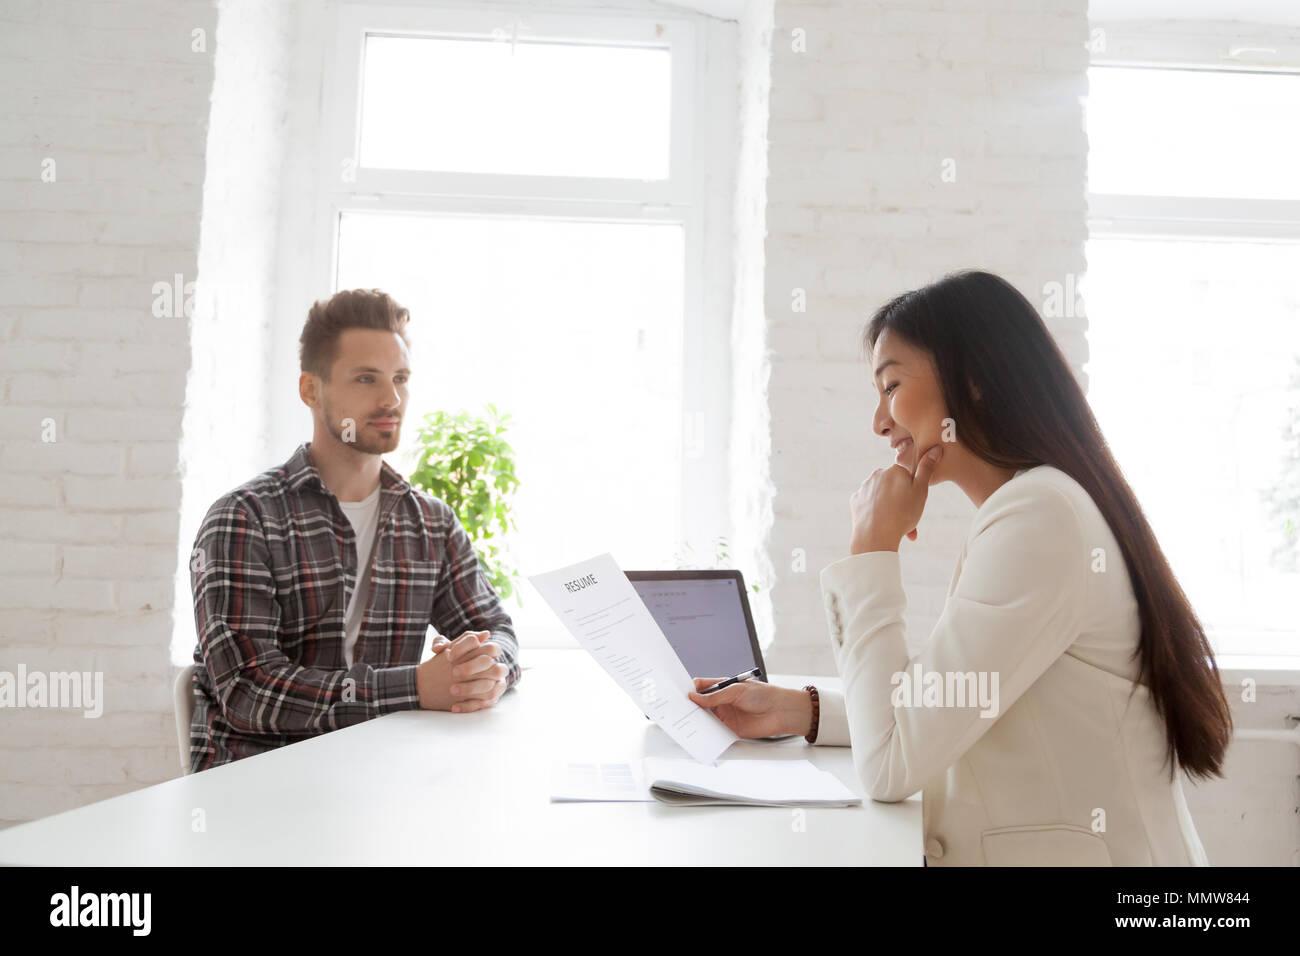 Reprendre la lecture des rh souriant à l'entrevue d'emploi avec de sérieux candidat Photo Stock